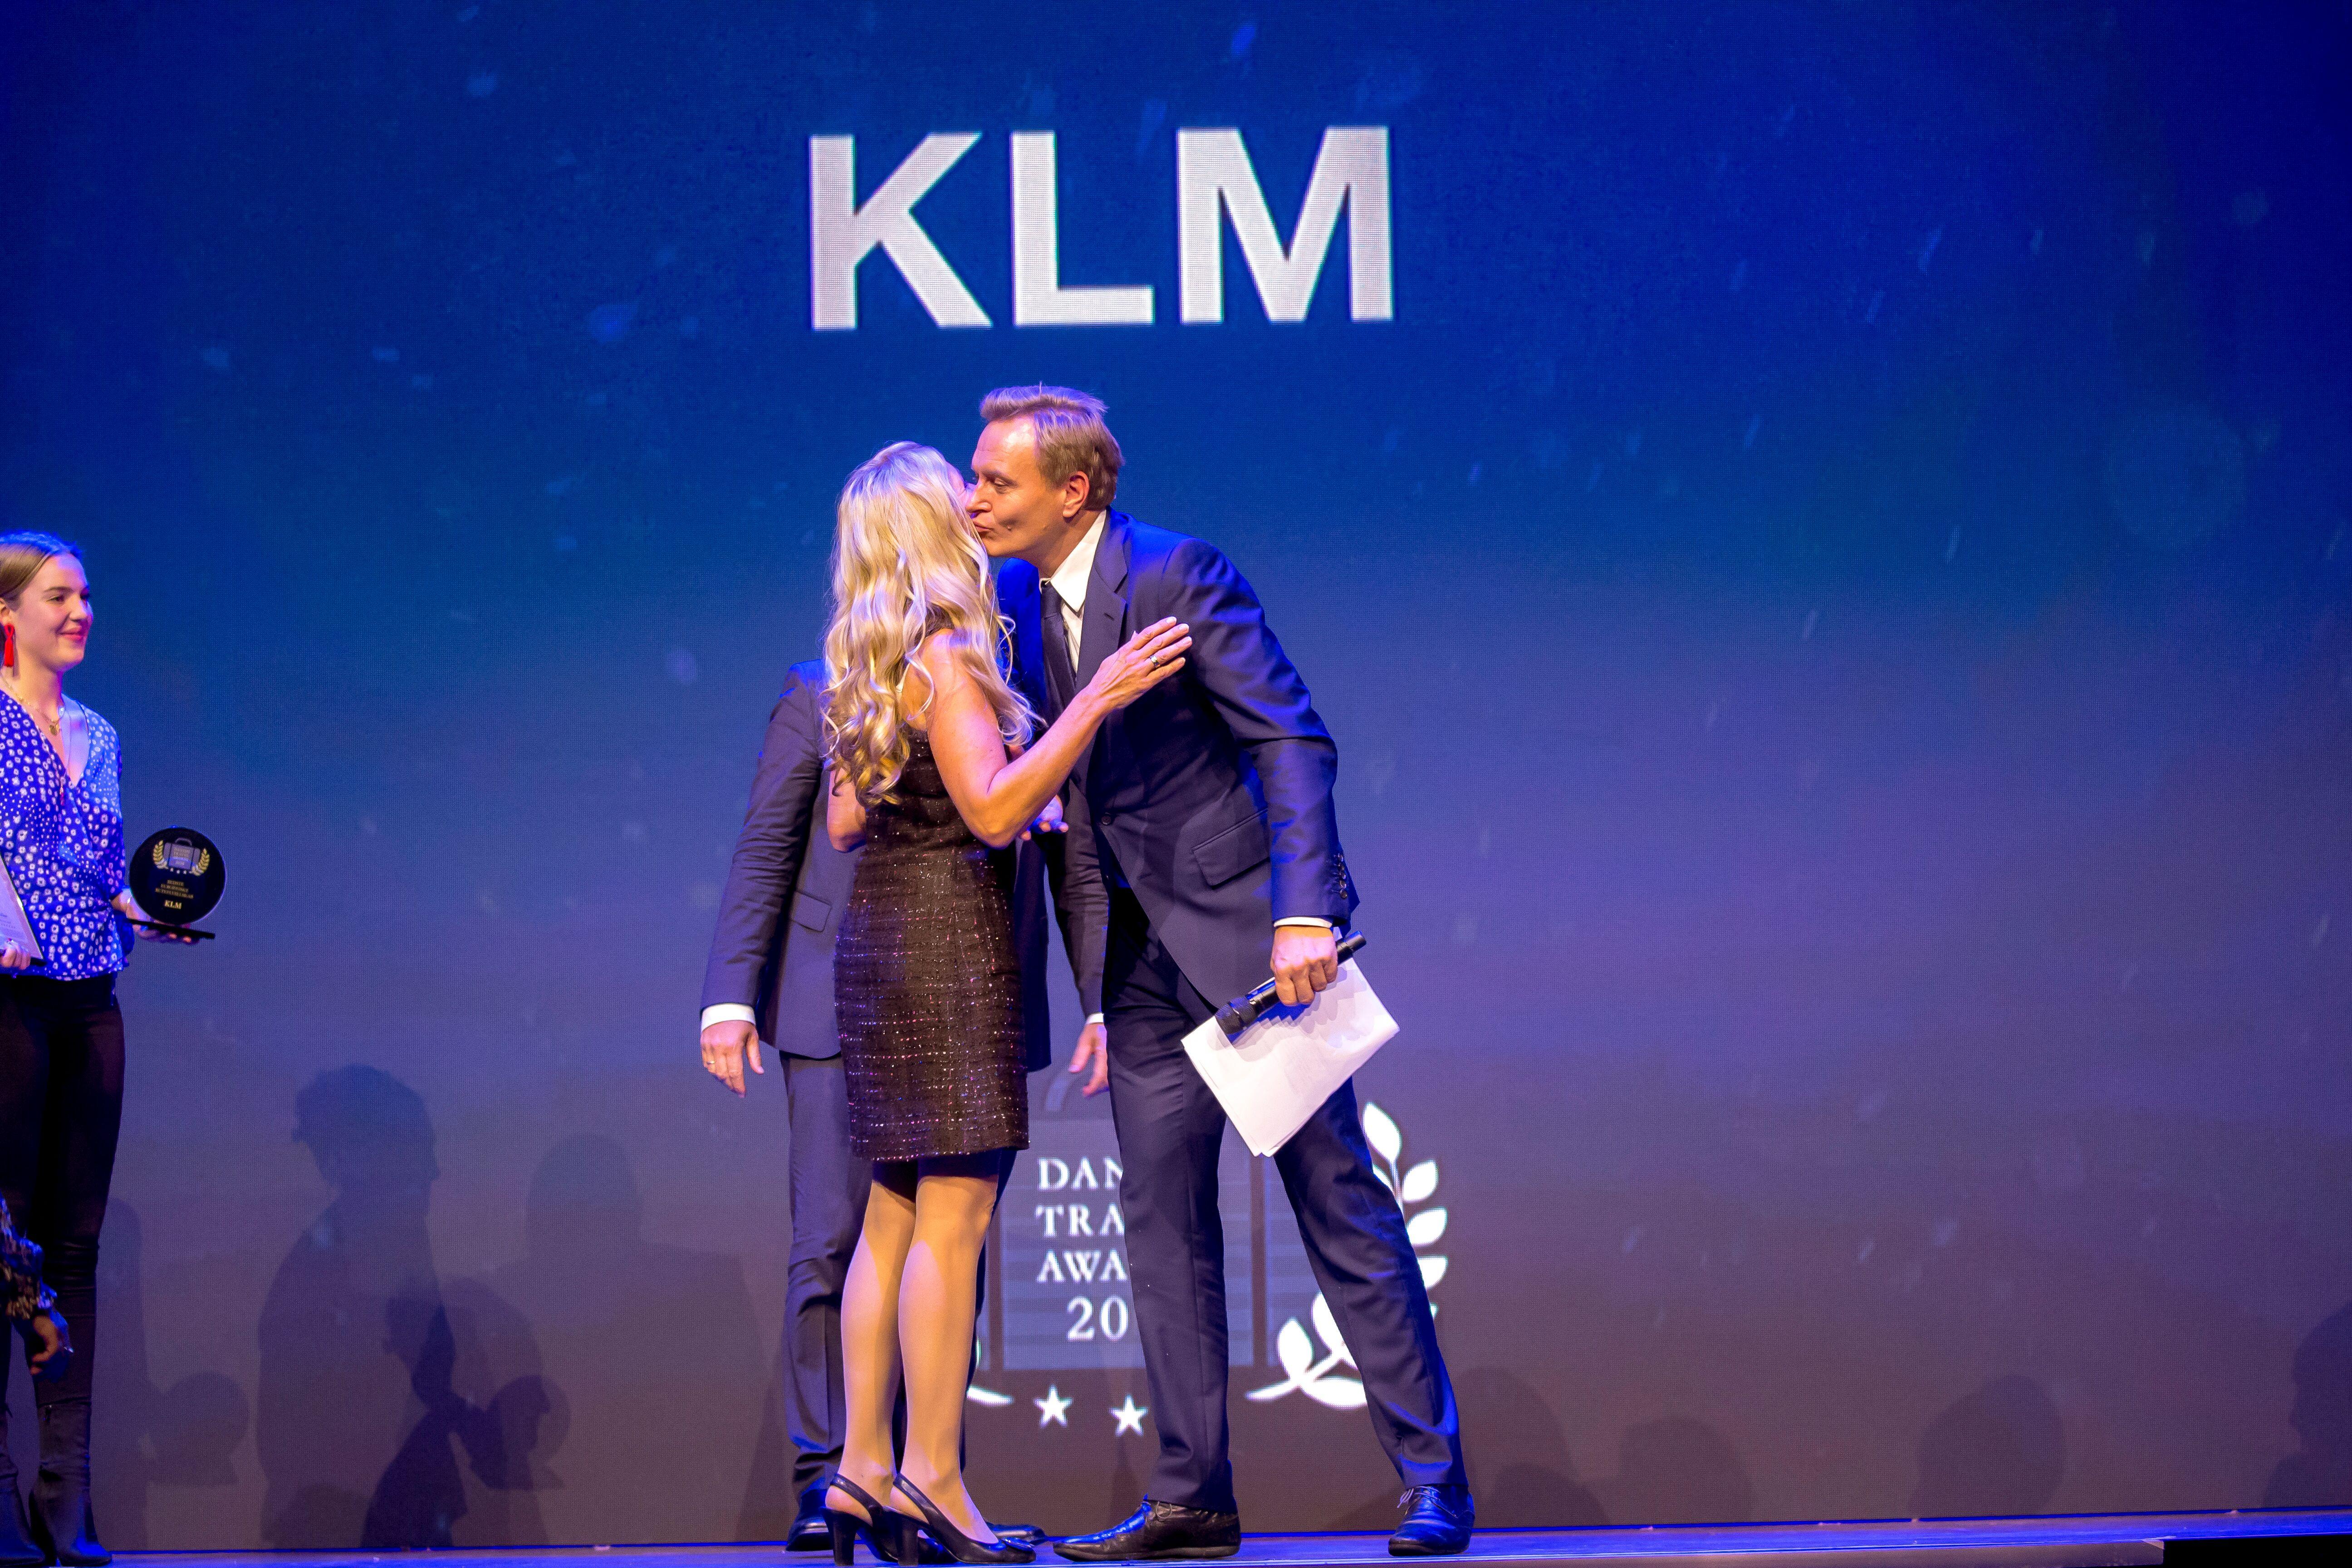 Medvært ved Danish Travel Awards, TV2-journalist Rasmus Tantholdt, overrækker prisen som bedste europæiske ruteflyselskab til KLM til landechef Anita Wagner Feddersen. Alle fotos: Michael Stub.